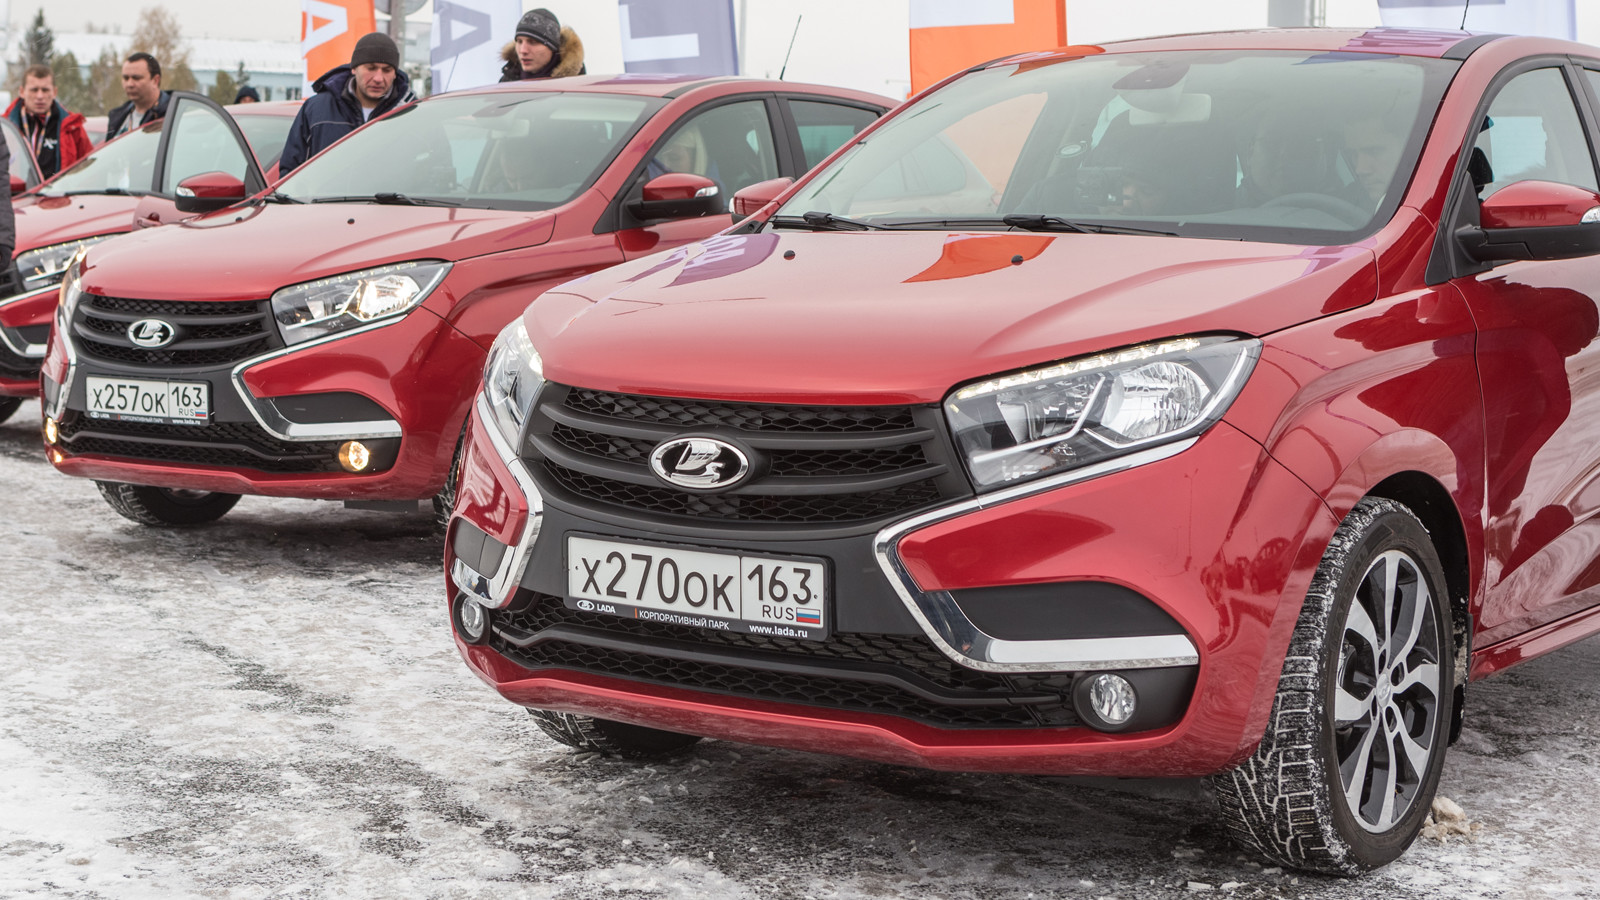 Волжский автомобильный завод строит планы пореализации авто на этот 2017 год